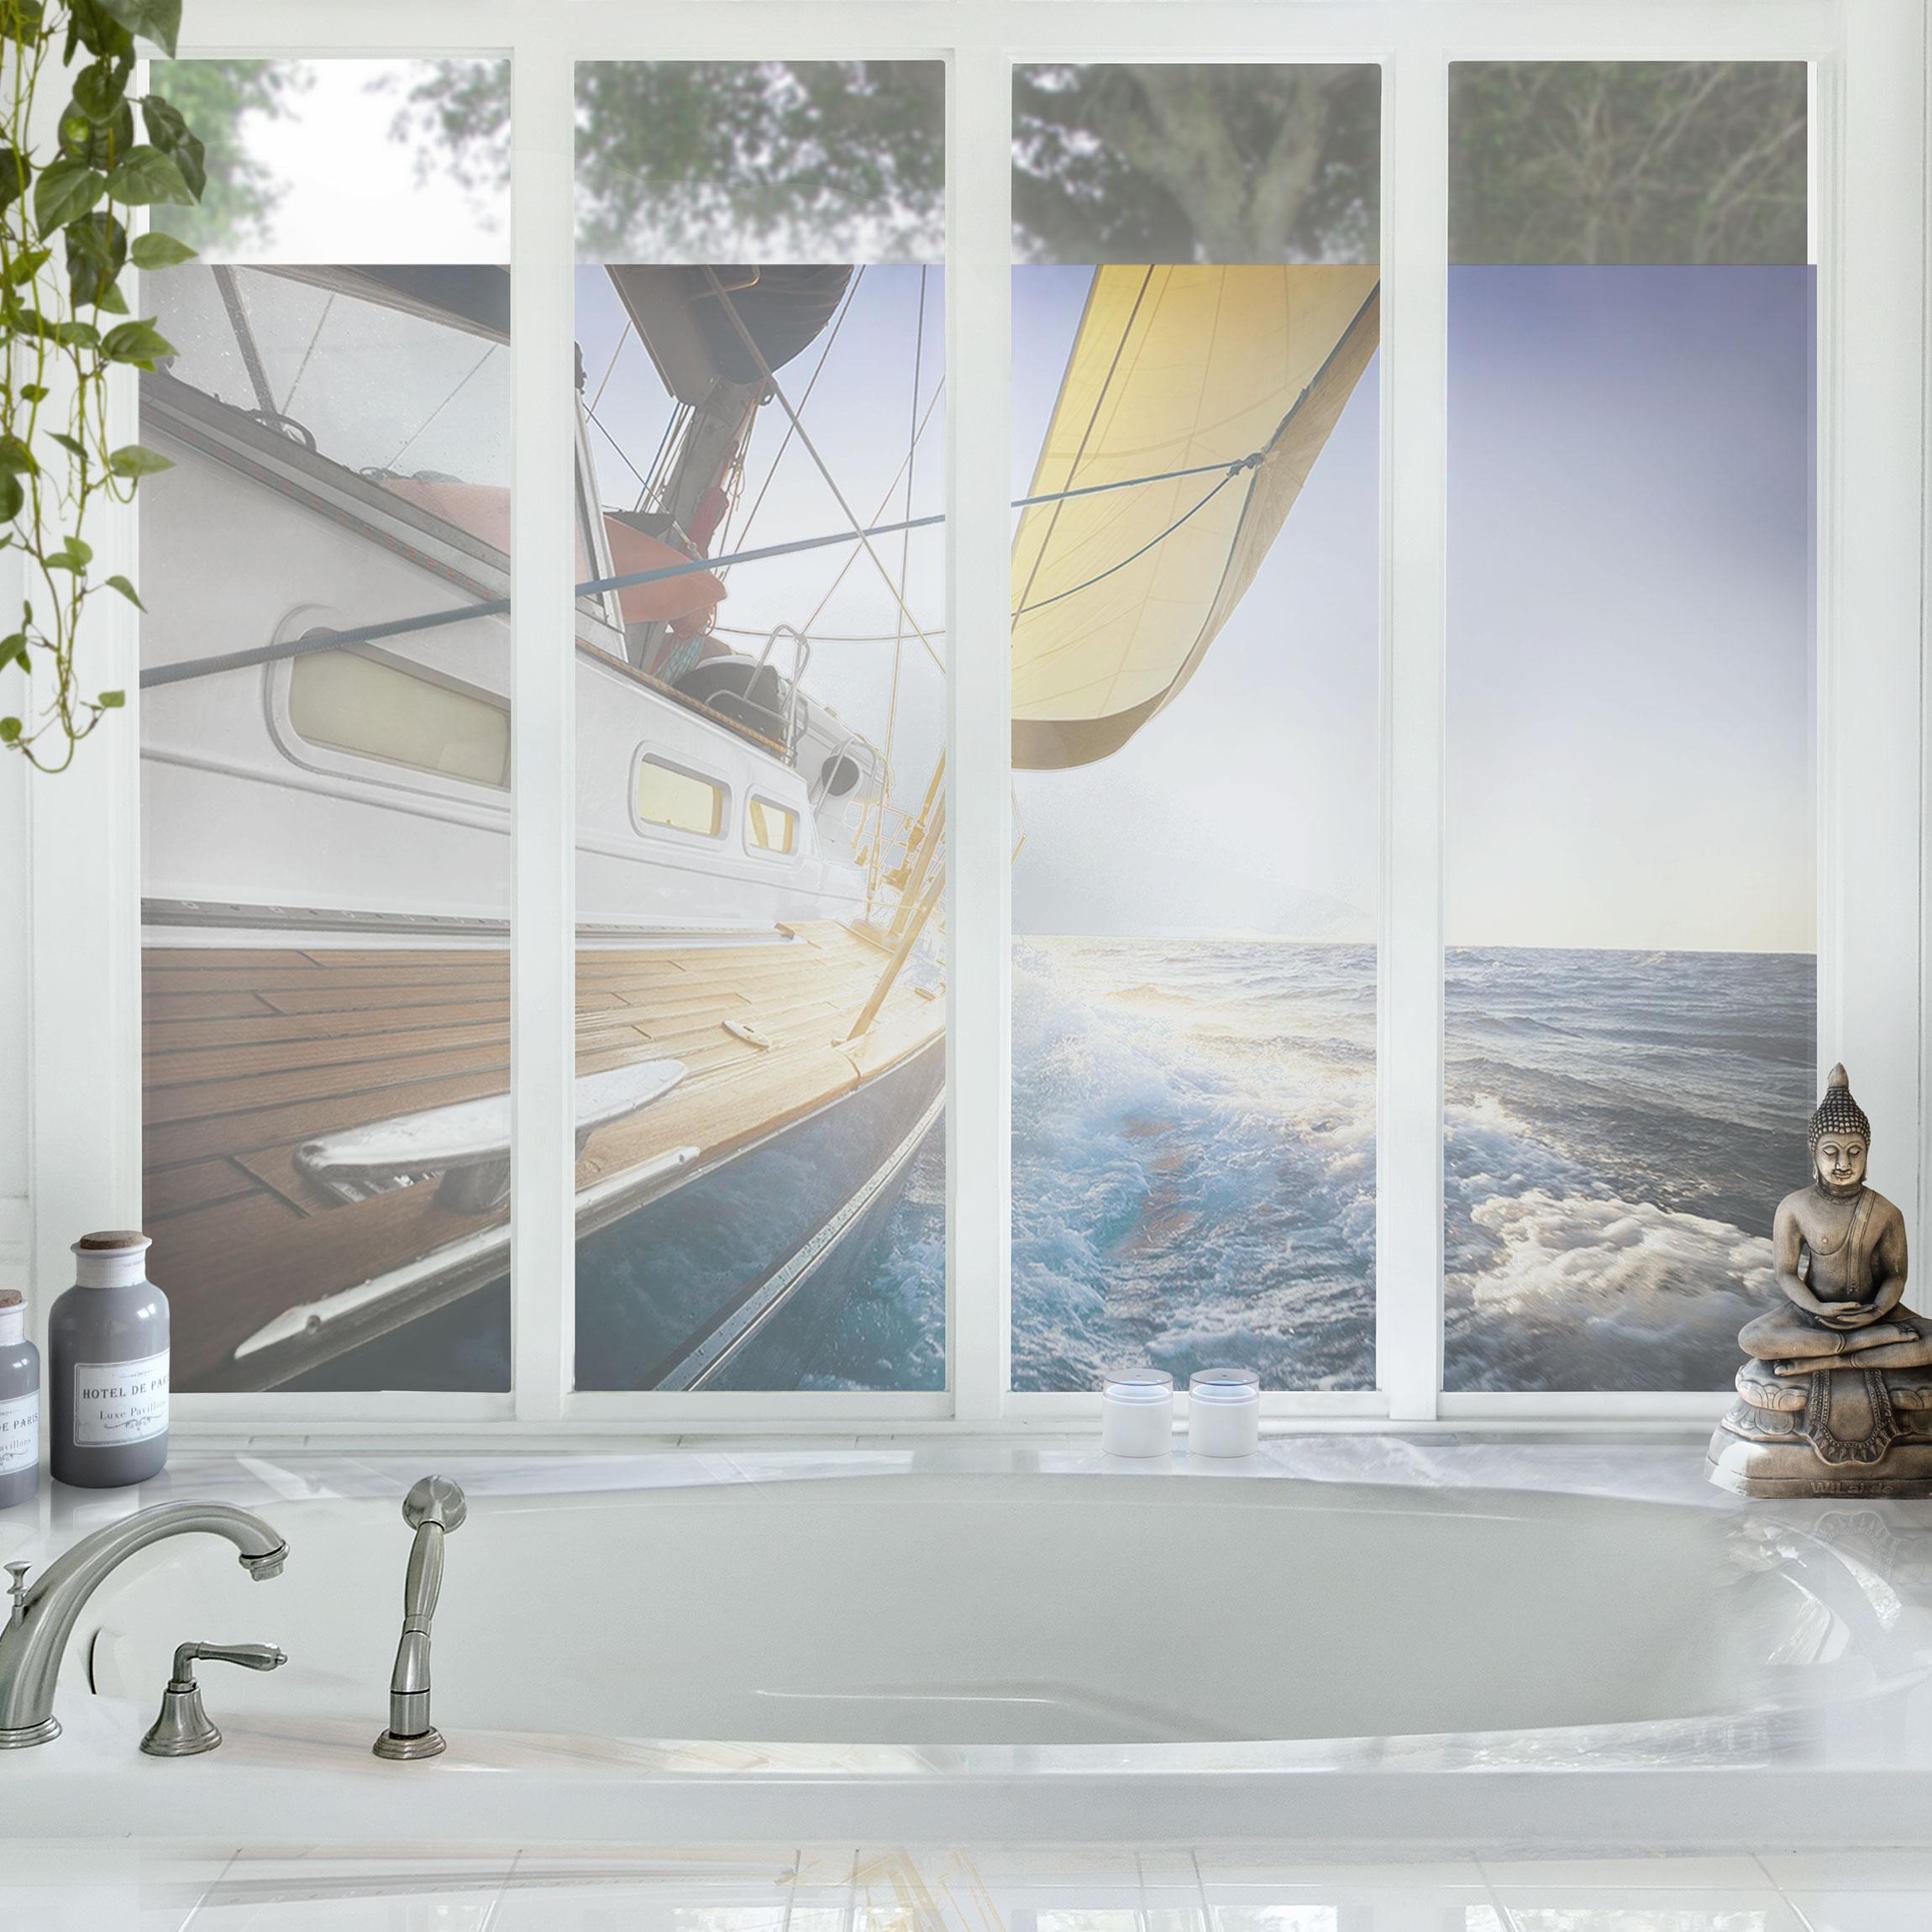 fensterfolie sichtschutz fenster segelboot auf blauem meer bei sonnenschein blumen fensterbilder. Black Bedroom Furniture Sets. Home Design Ideas